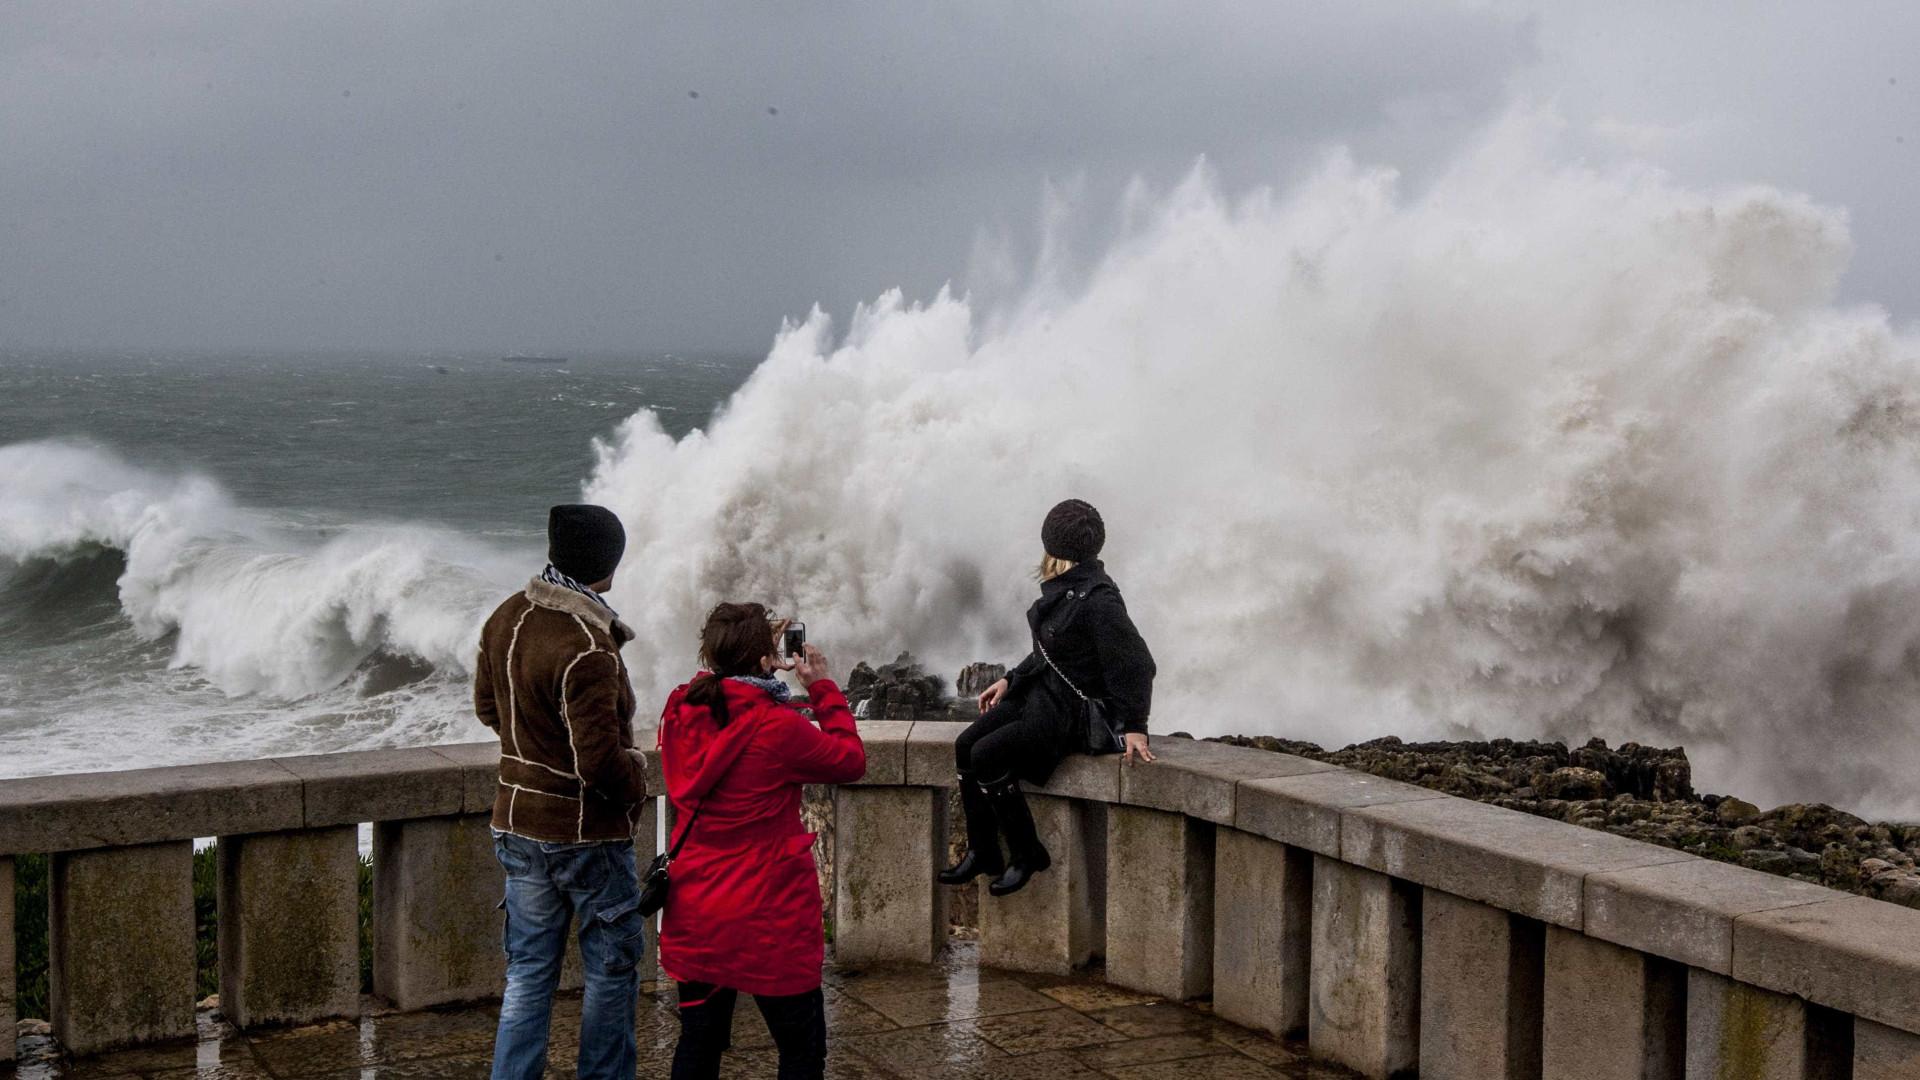 Mar violento provoca estragos em praias de Sintra